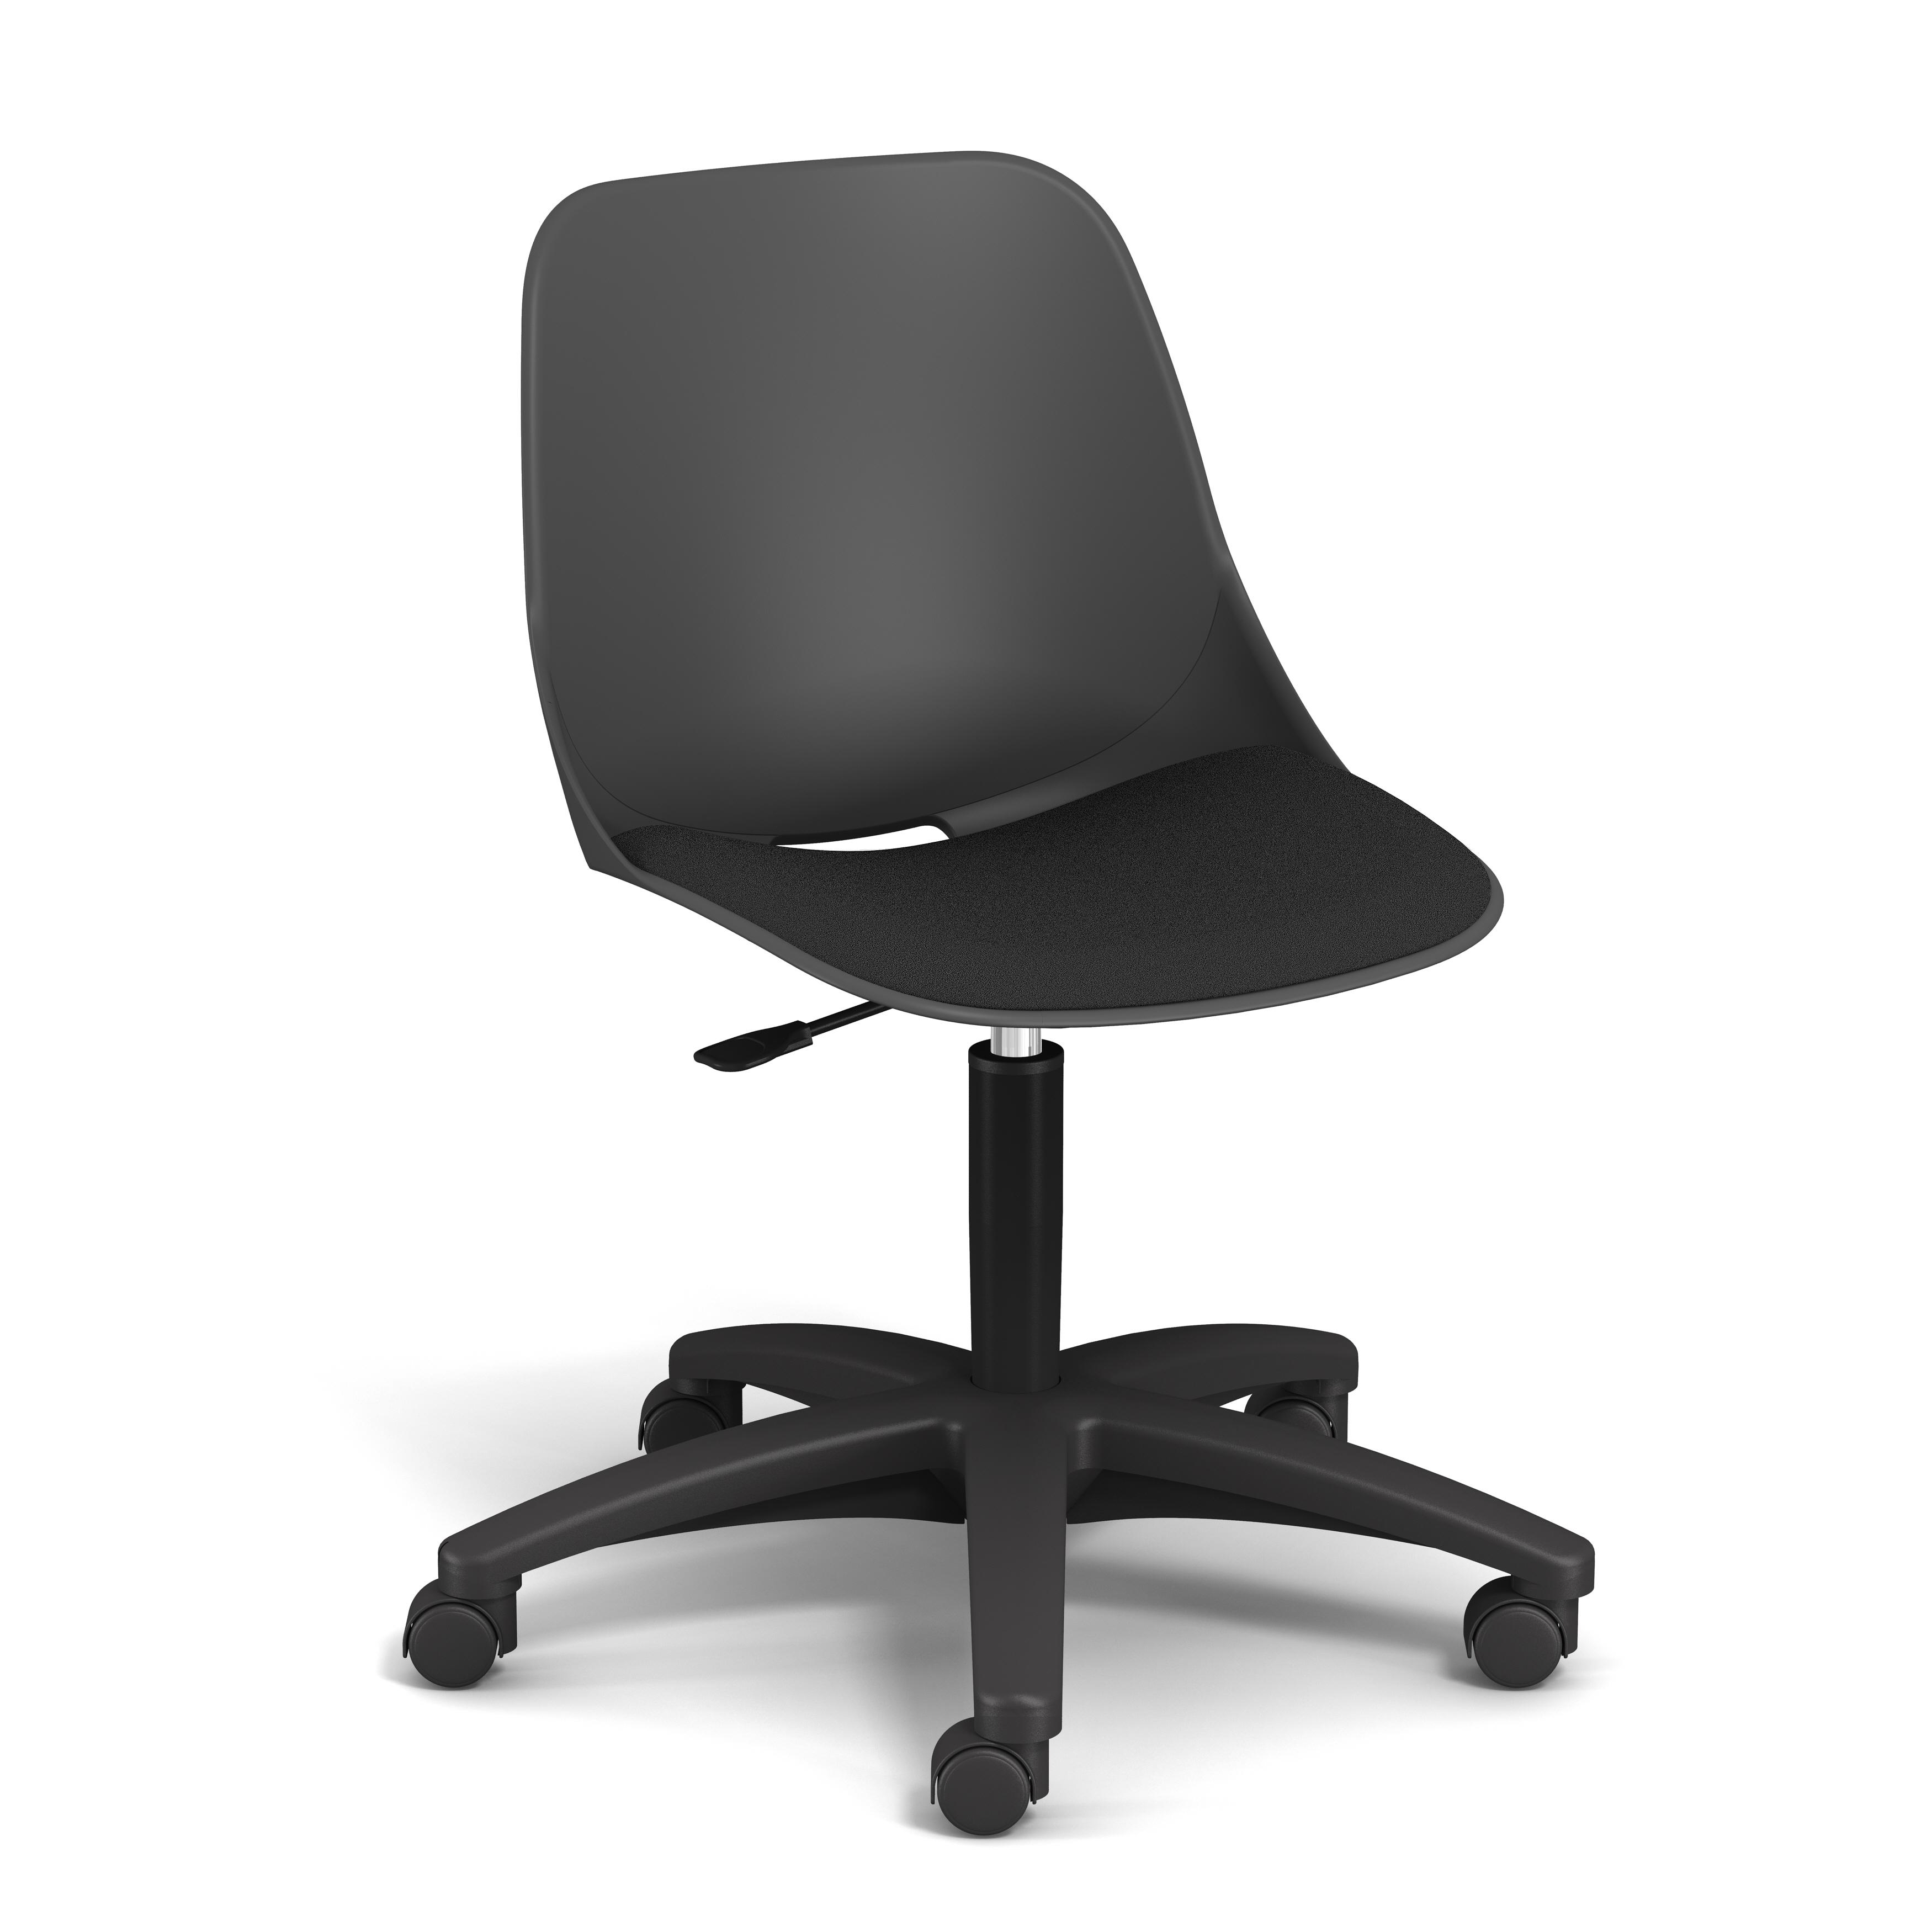 Chaise PALM - coque noire - assise noir - base noire